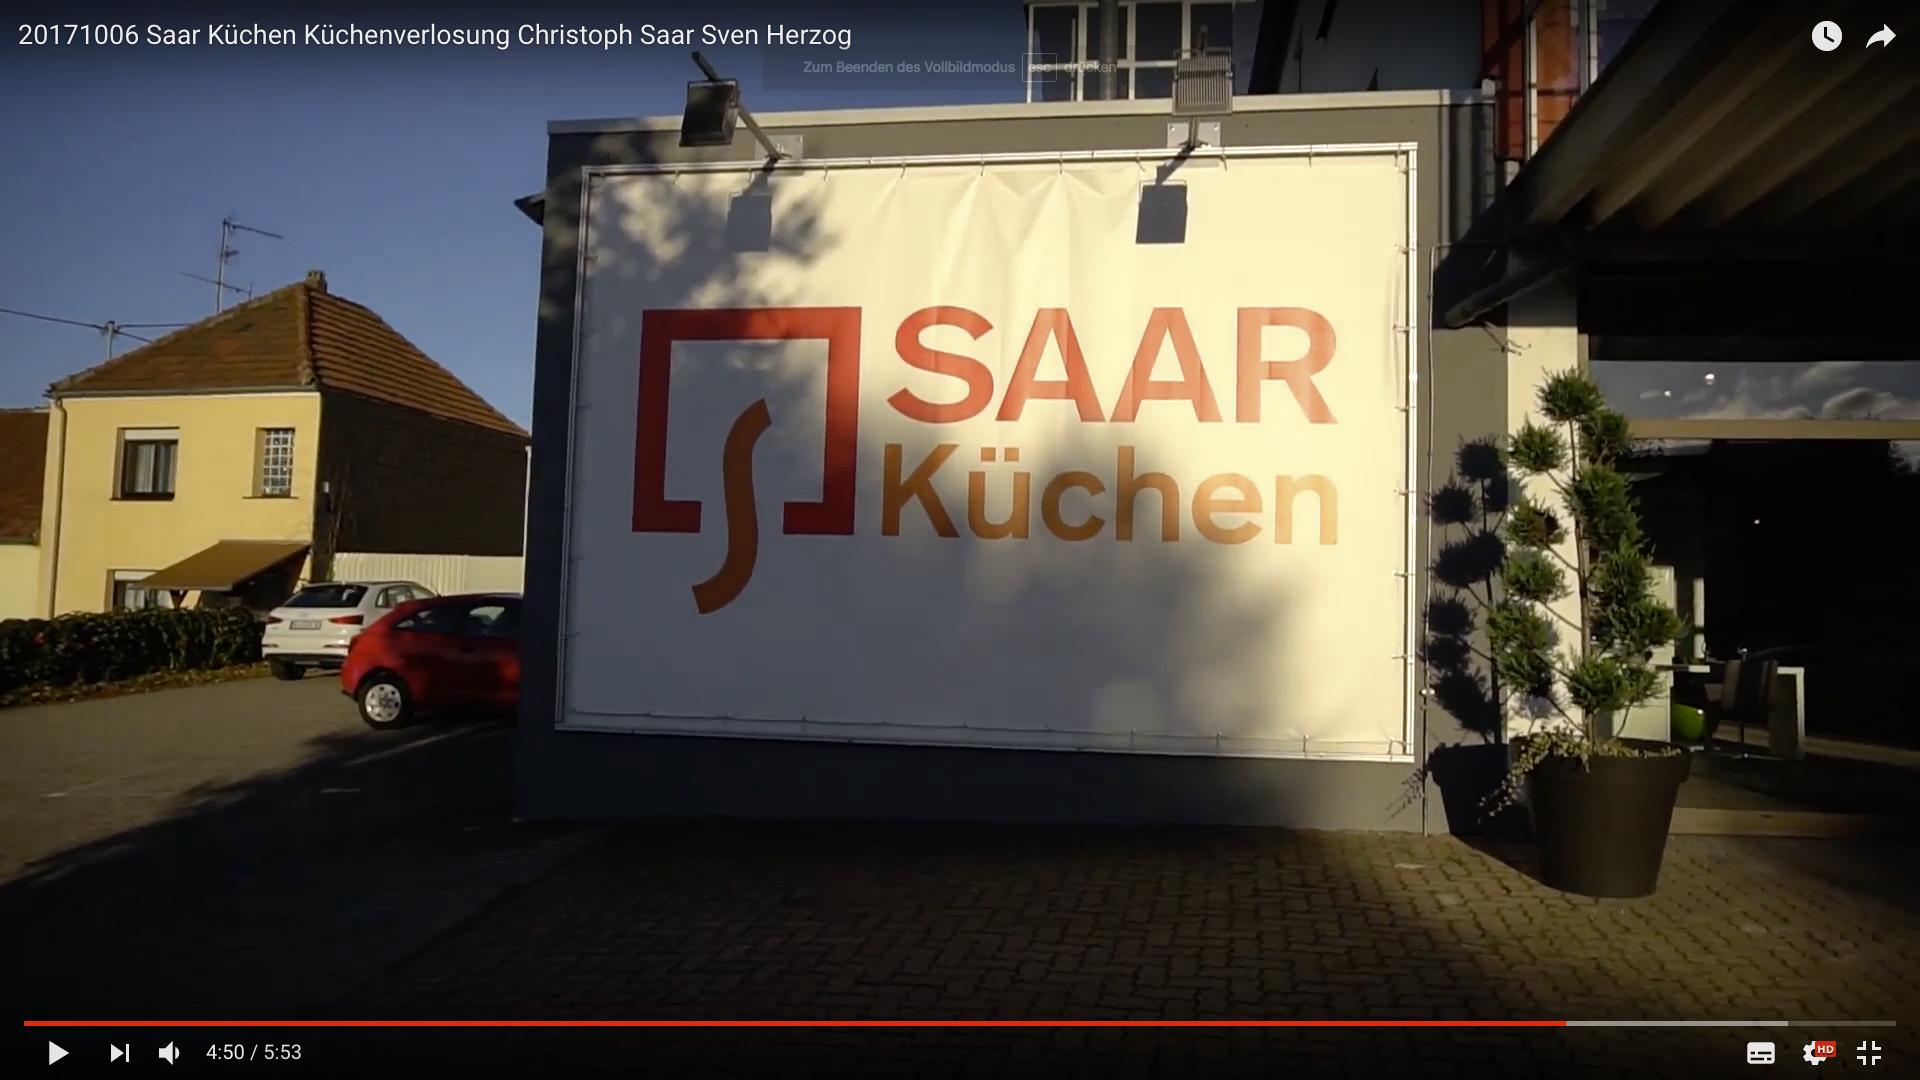 2017 Saar Küchen 1000€ Küche Wette Saar Küchen_MSM_MEDIEN_SAAR_MOSEL_SAARLAND_FERNSEHEN_1_ED_SAAR